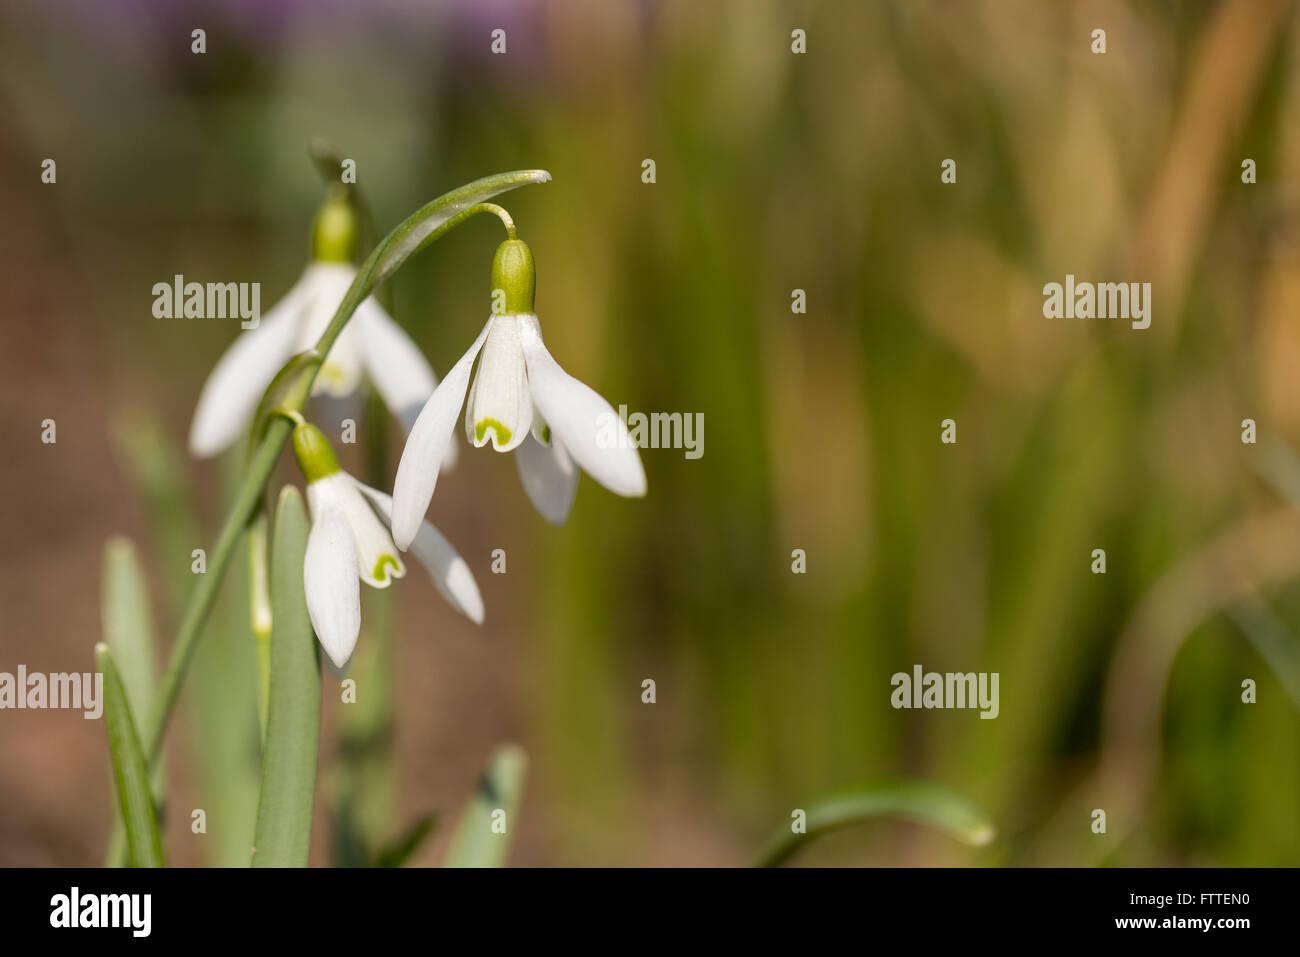 First Flower Galanthus Snowdrop Bloom In Spring Garden Stock Photo